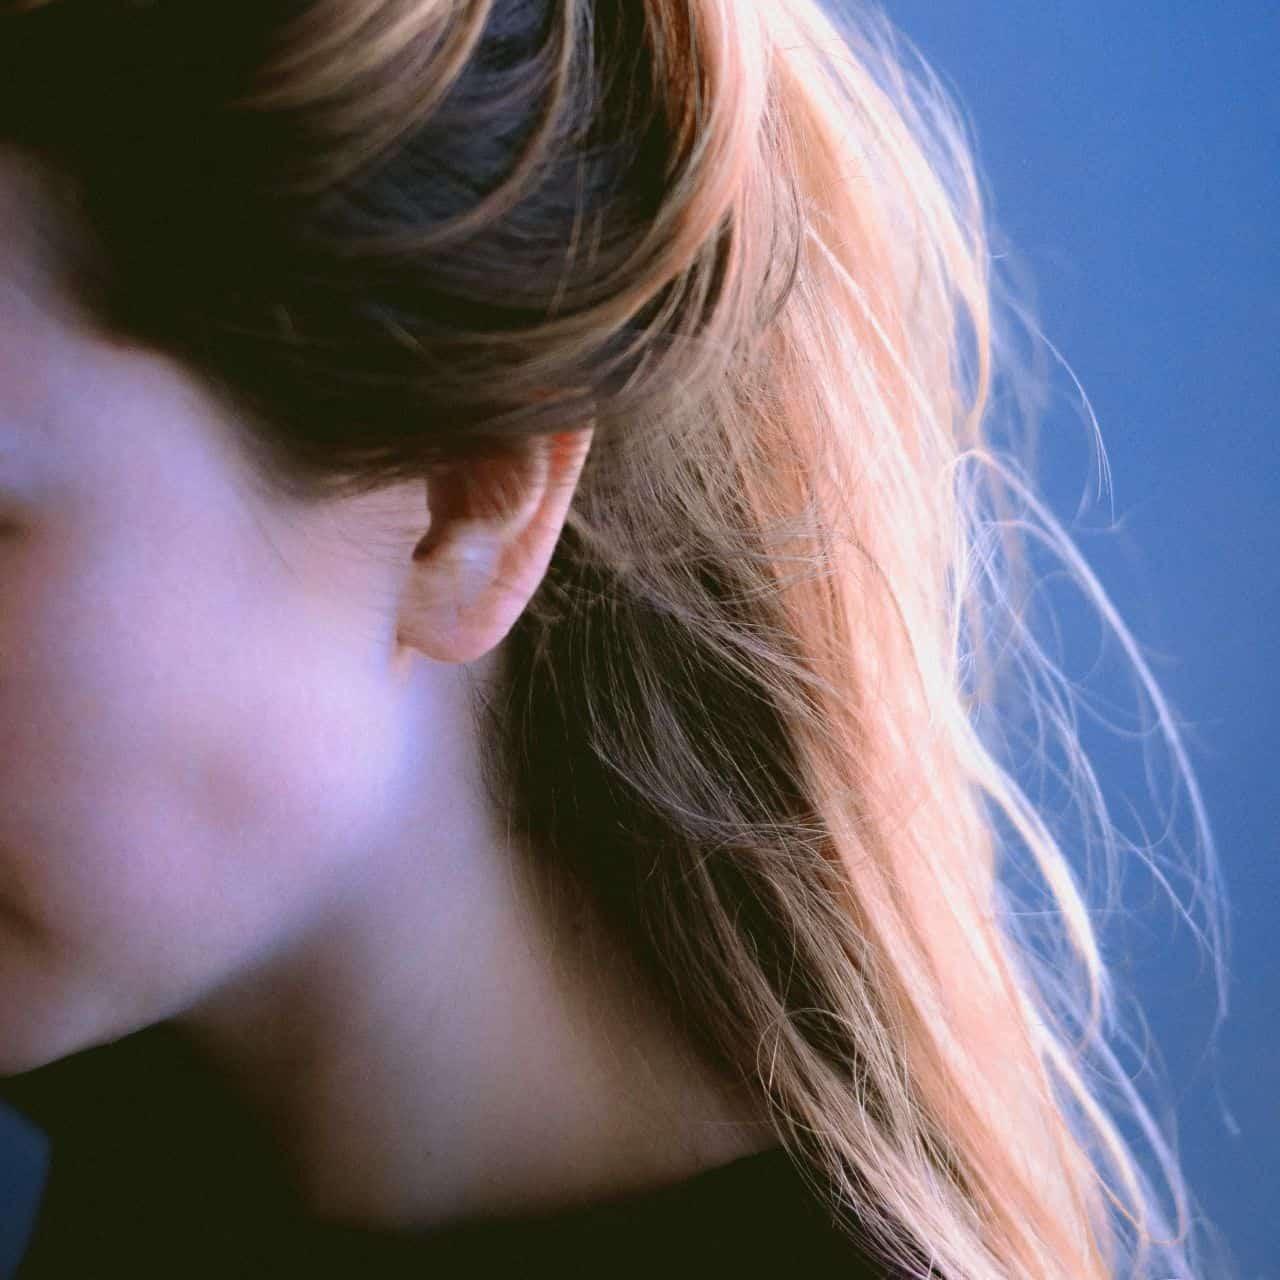 Obarvené vlasy zeny na blond.